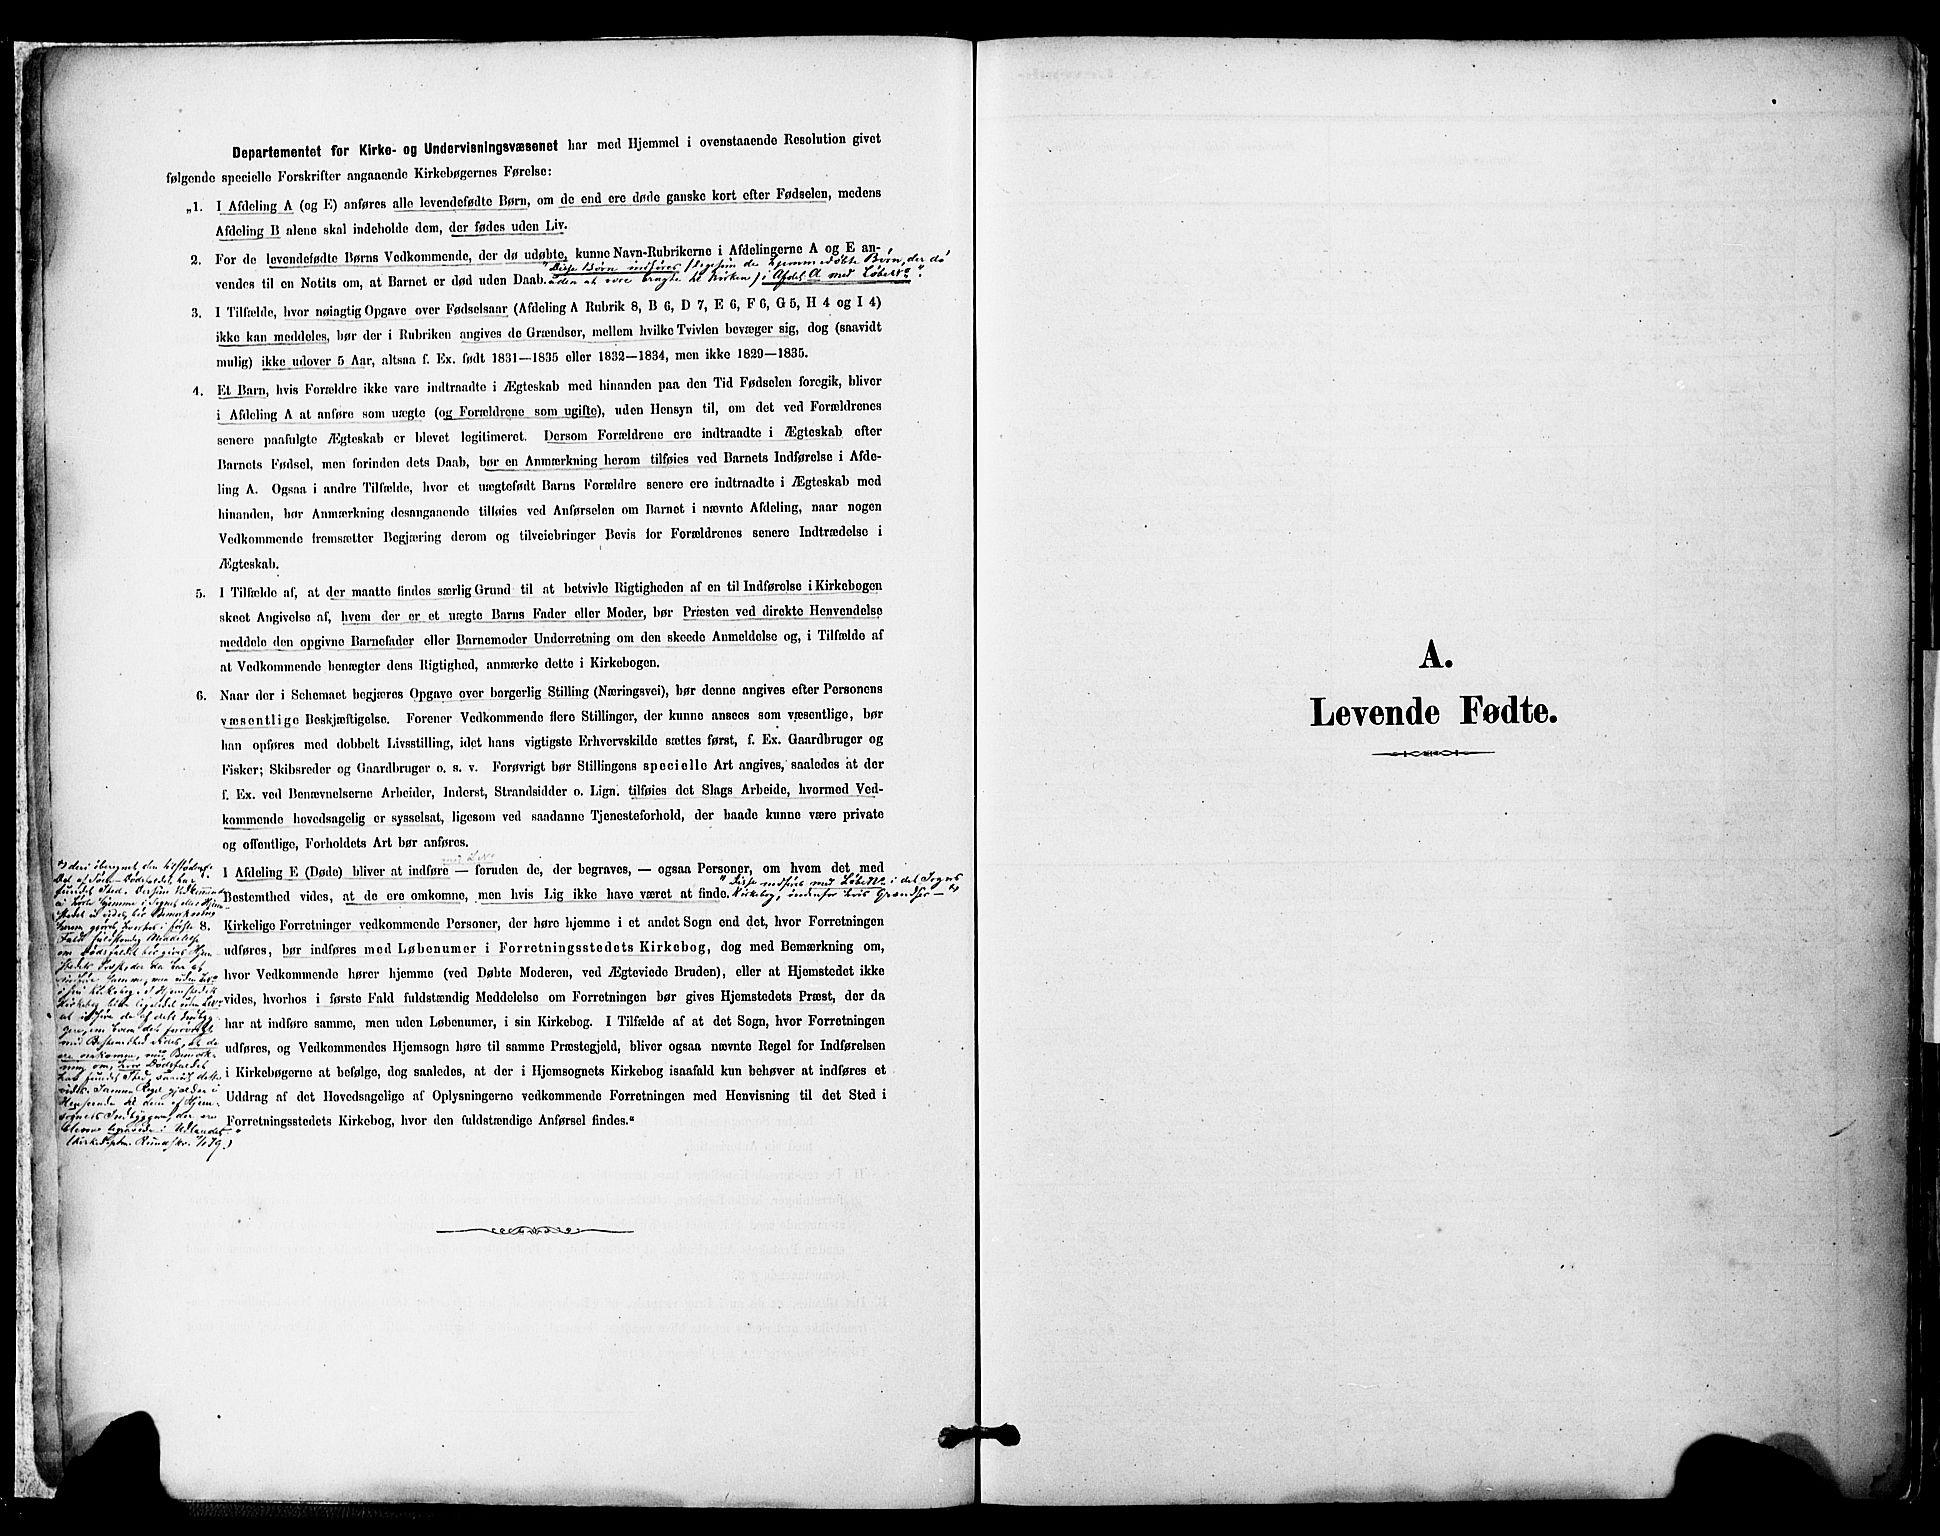 SAT, Ministerialprotokoller, klokkerbøker og fødselsregistre - Sør-Trøndelag, 681/L0933: Ministerialbok nr. 681A11, 1879-1890